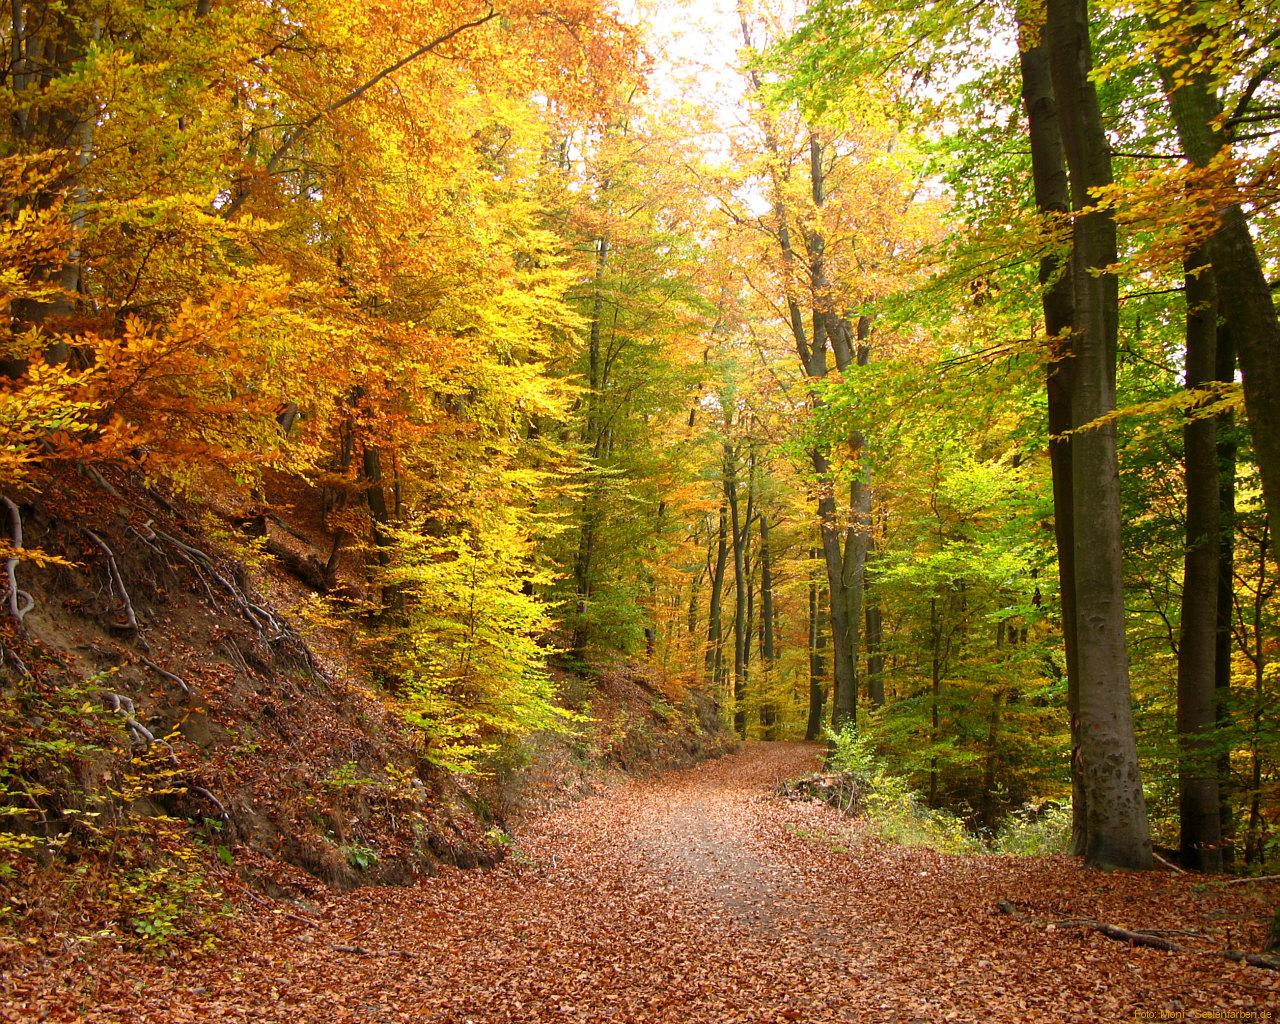 Wald Herbst Blätter Farben